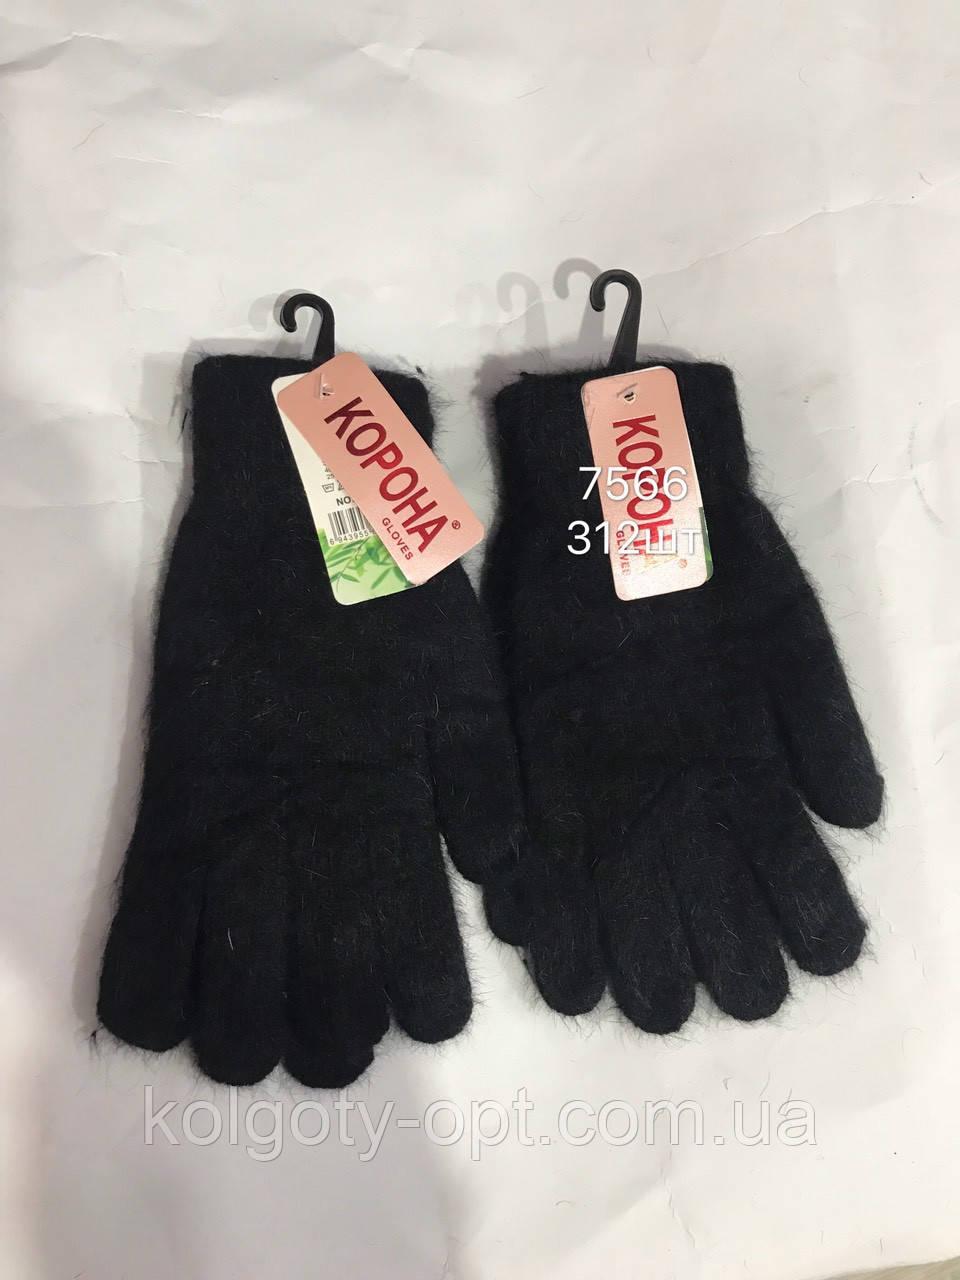 Перчатки женские ангора чёрные